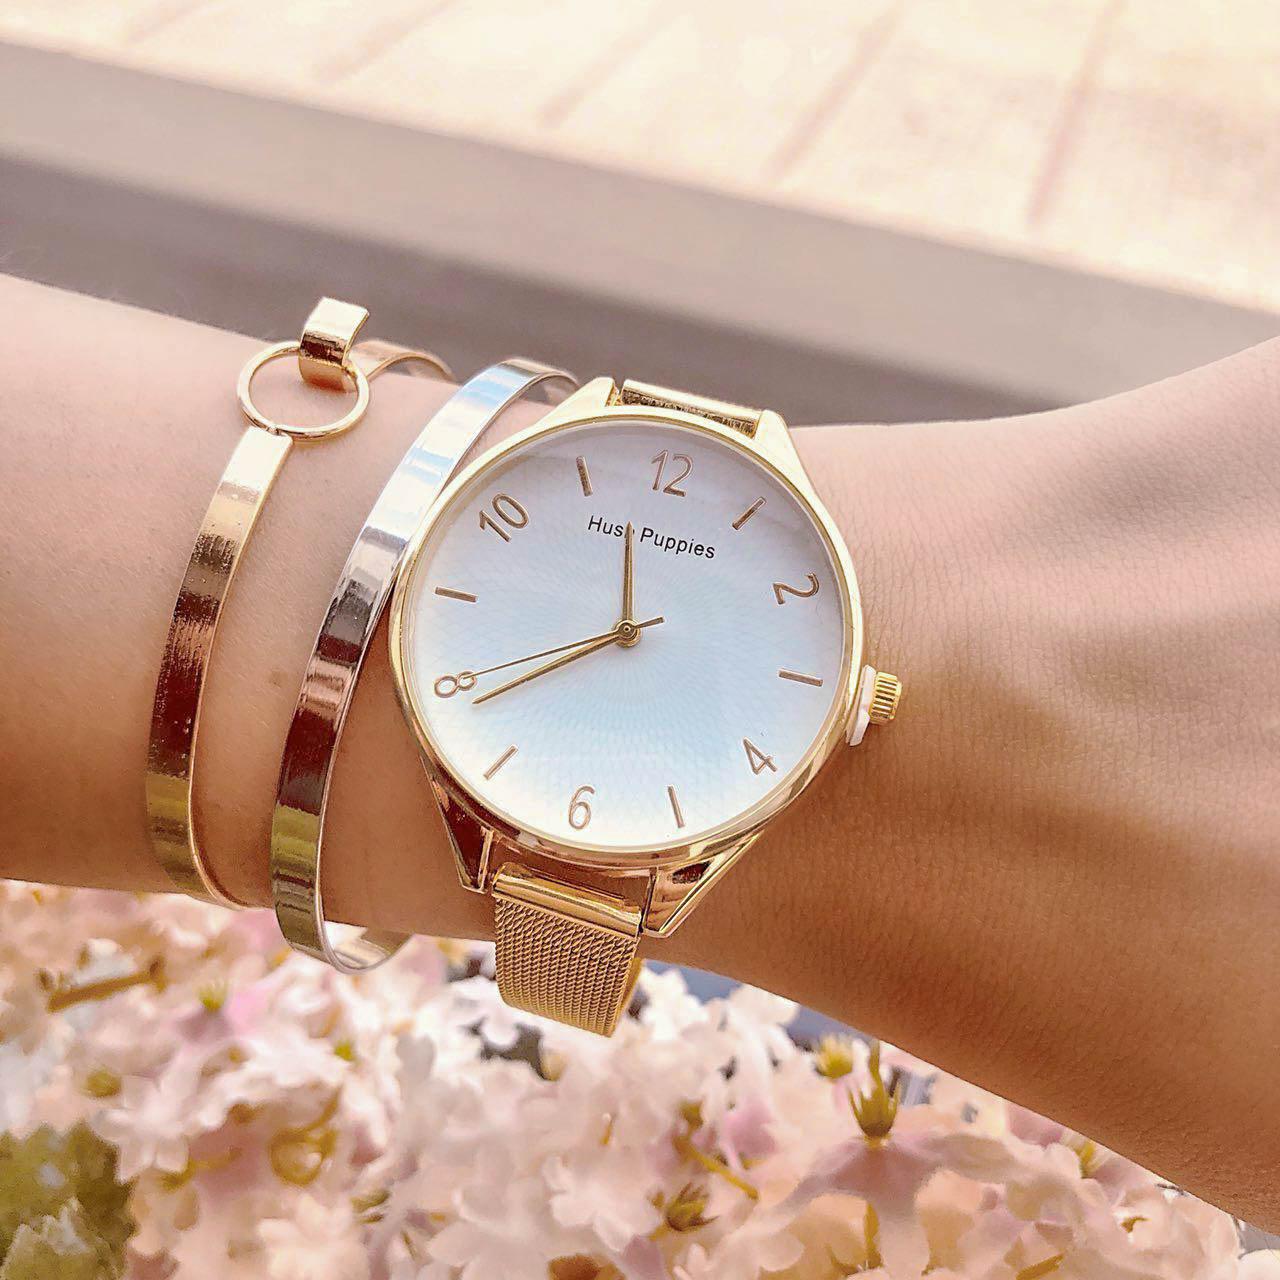 Pelengkap Pakaian HP Fashion Watch Chain Gold Frame + Gold Dial + Gold Band HPWC01